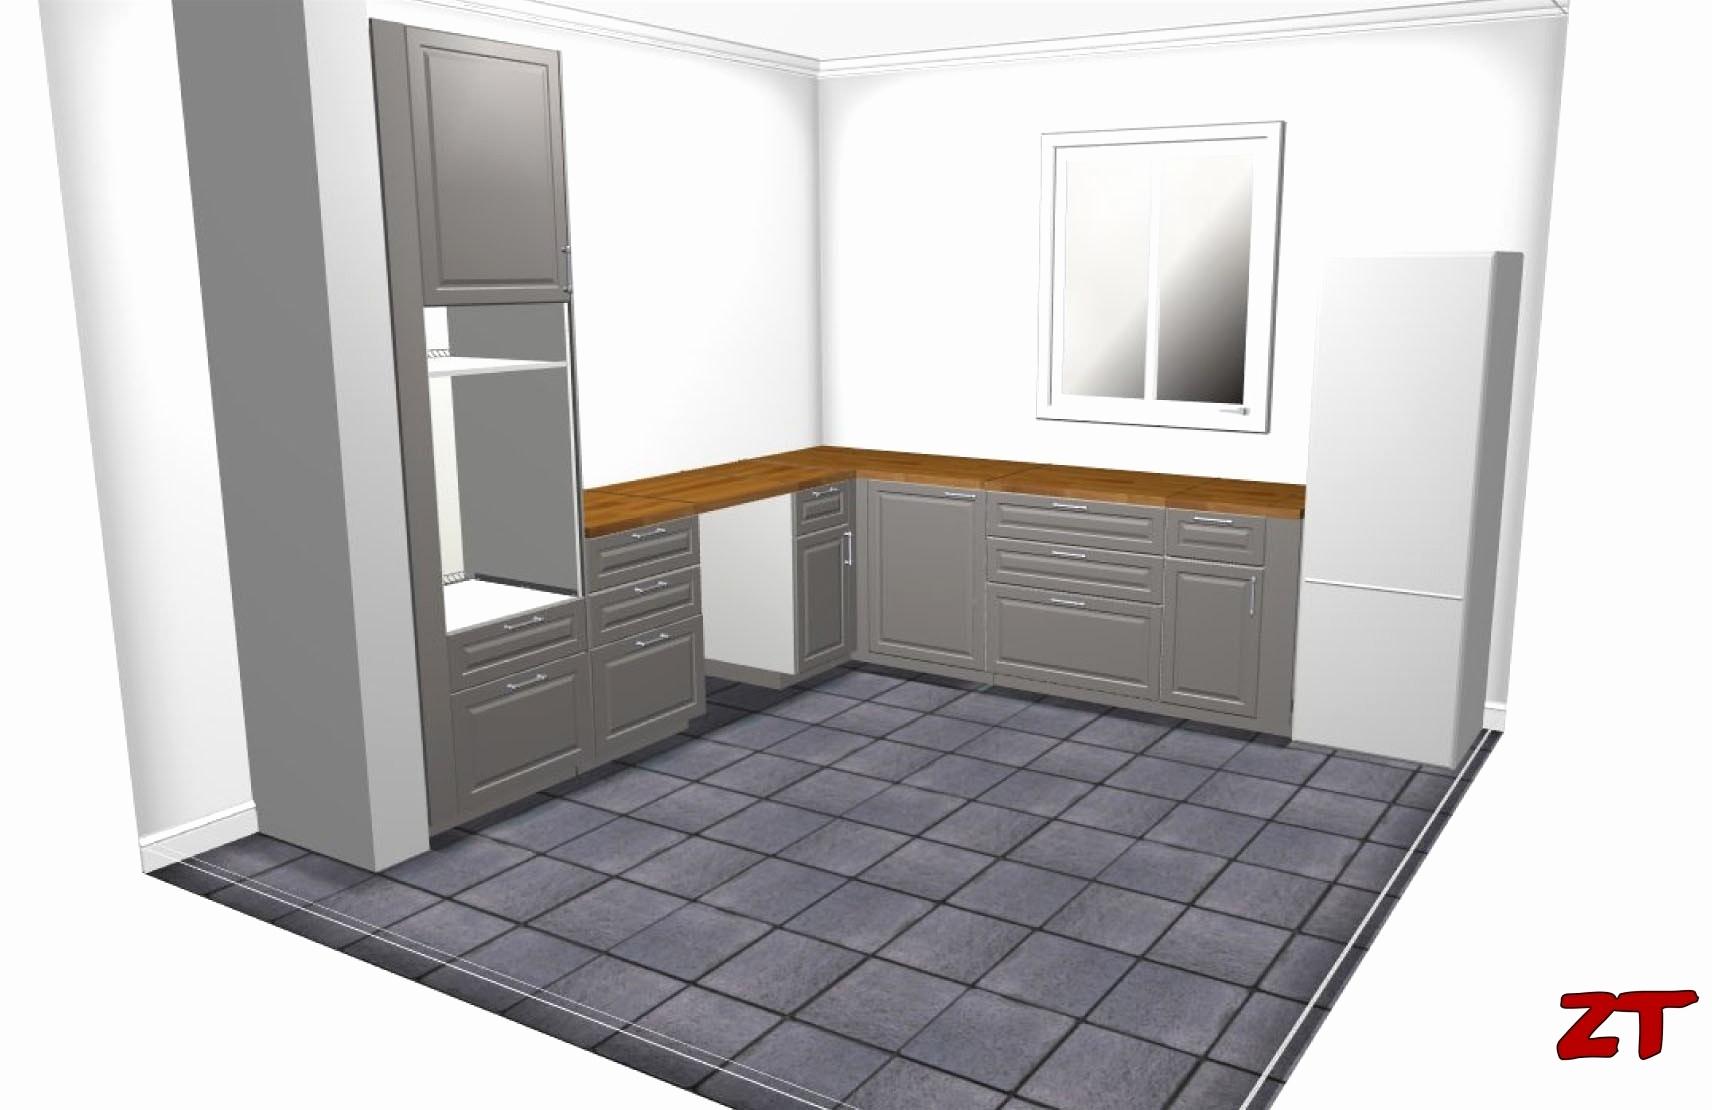 logiciel pour plan de cuisine ikea tout sur la cuisine. Black Bedroom Furniture Sets. Home Design Ideas